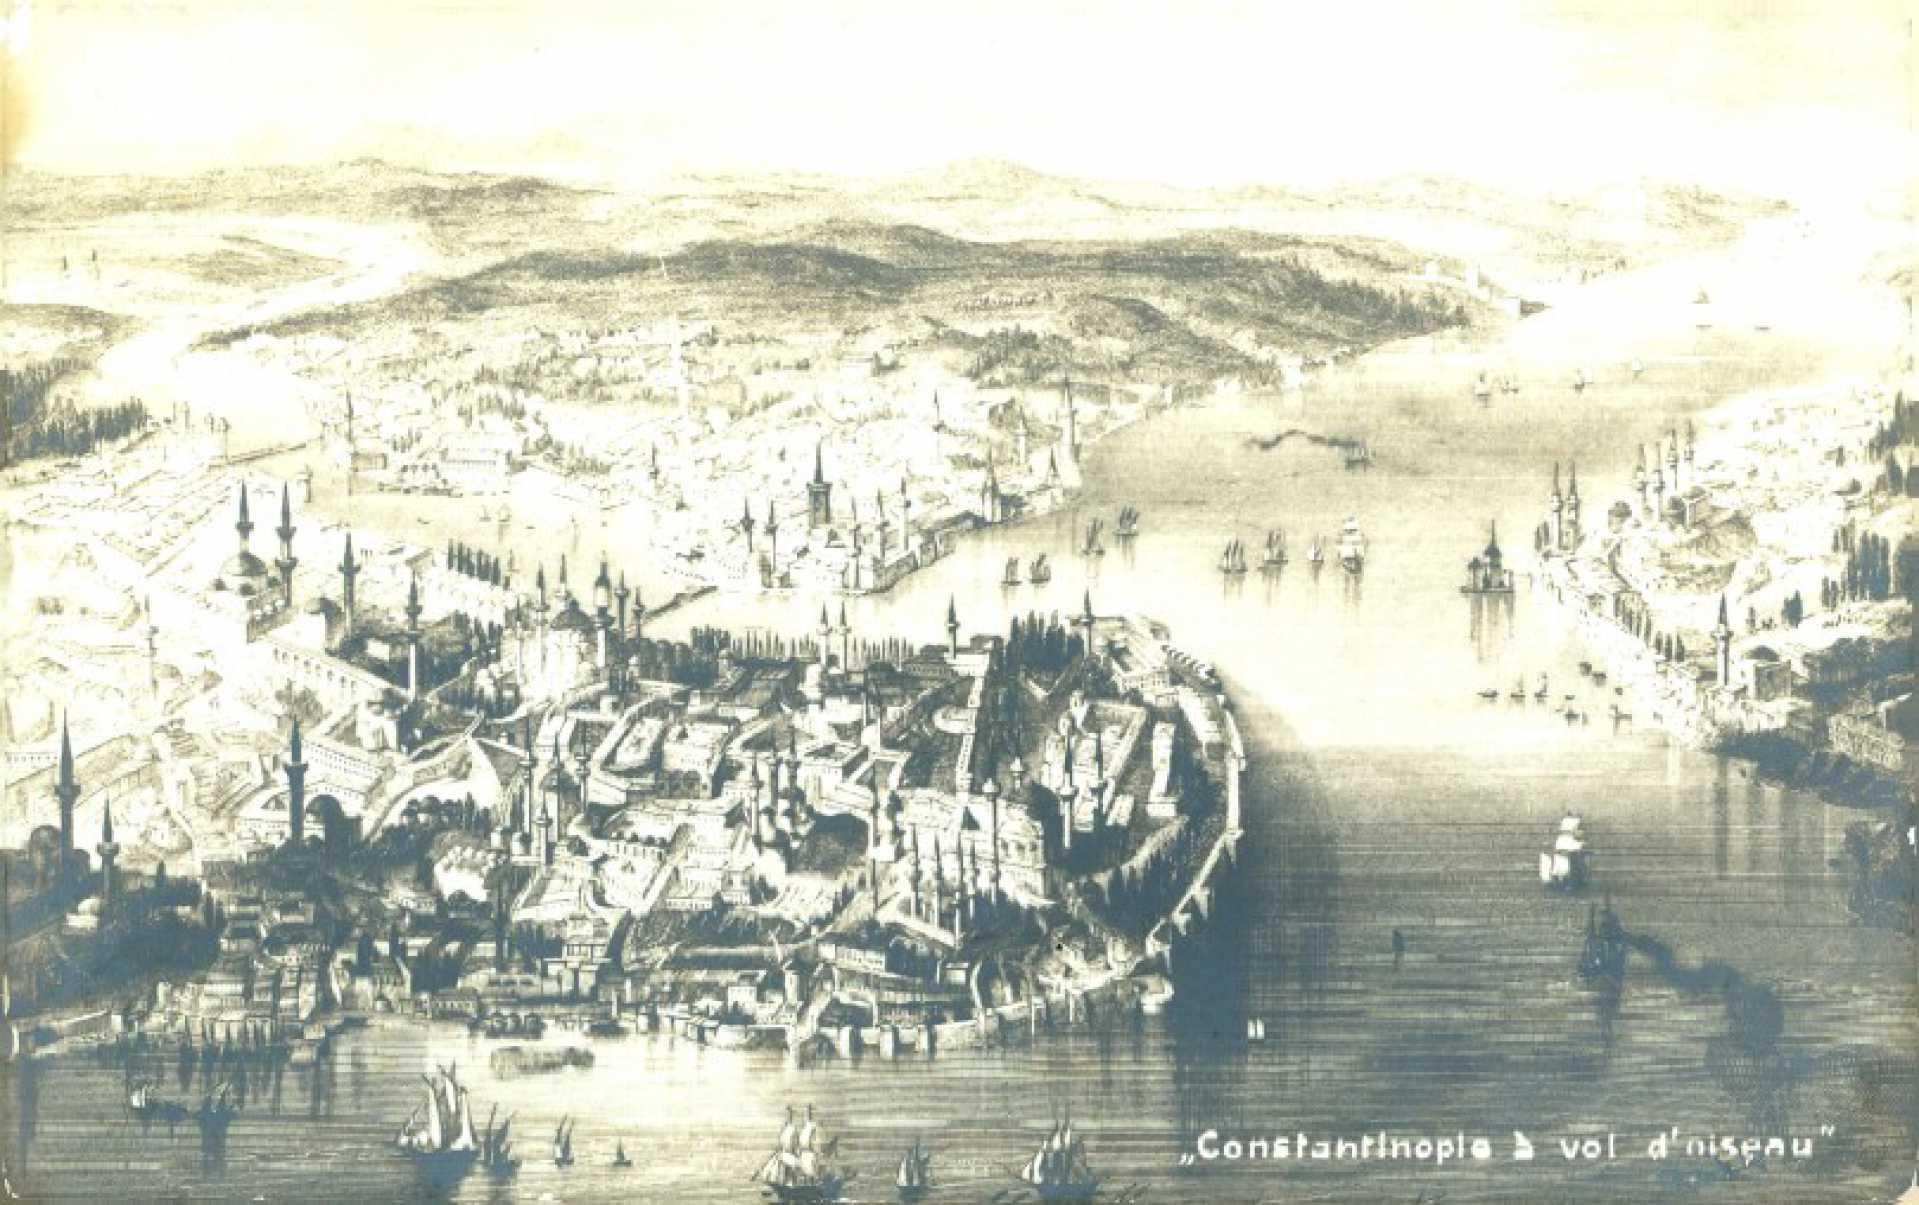 Constantinople a vol d'oiseau